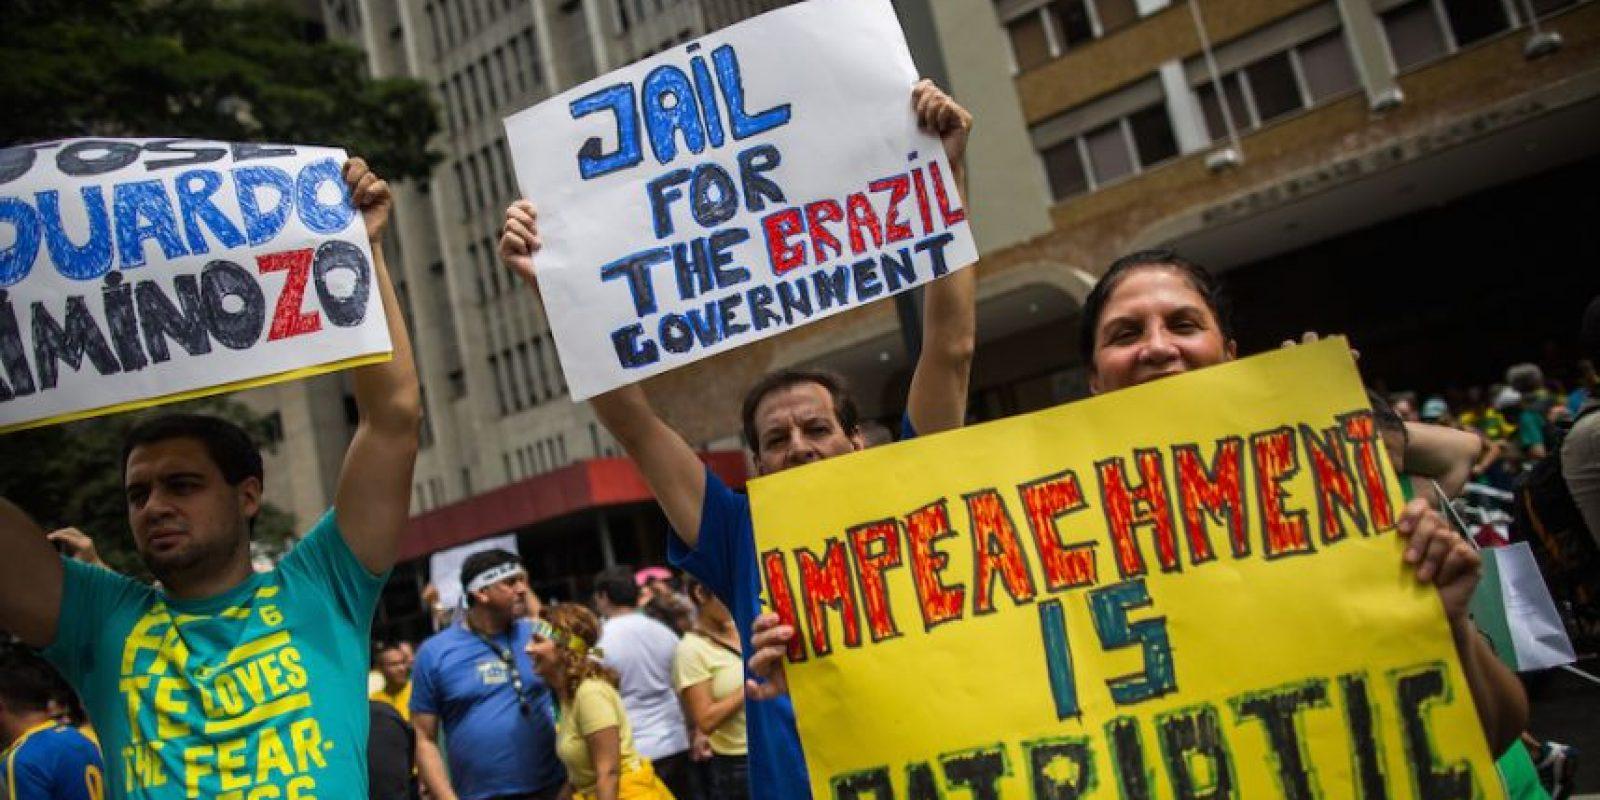 Exigen la destitución de la presidenta Dilma Rousseff y su gobierno. Foto:Getty Images